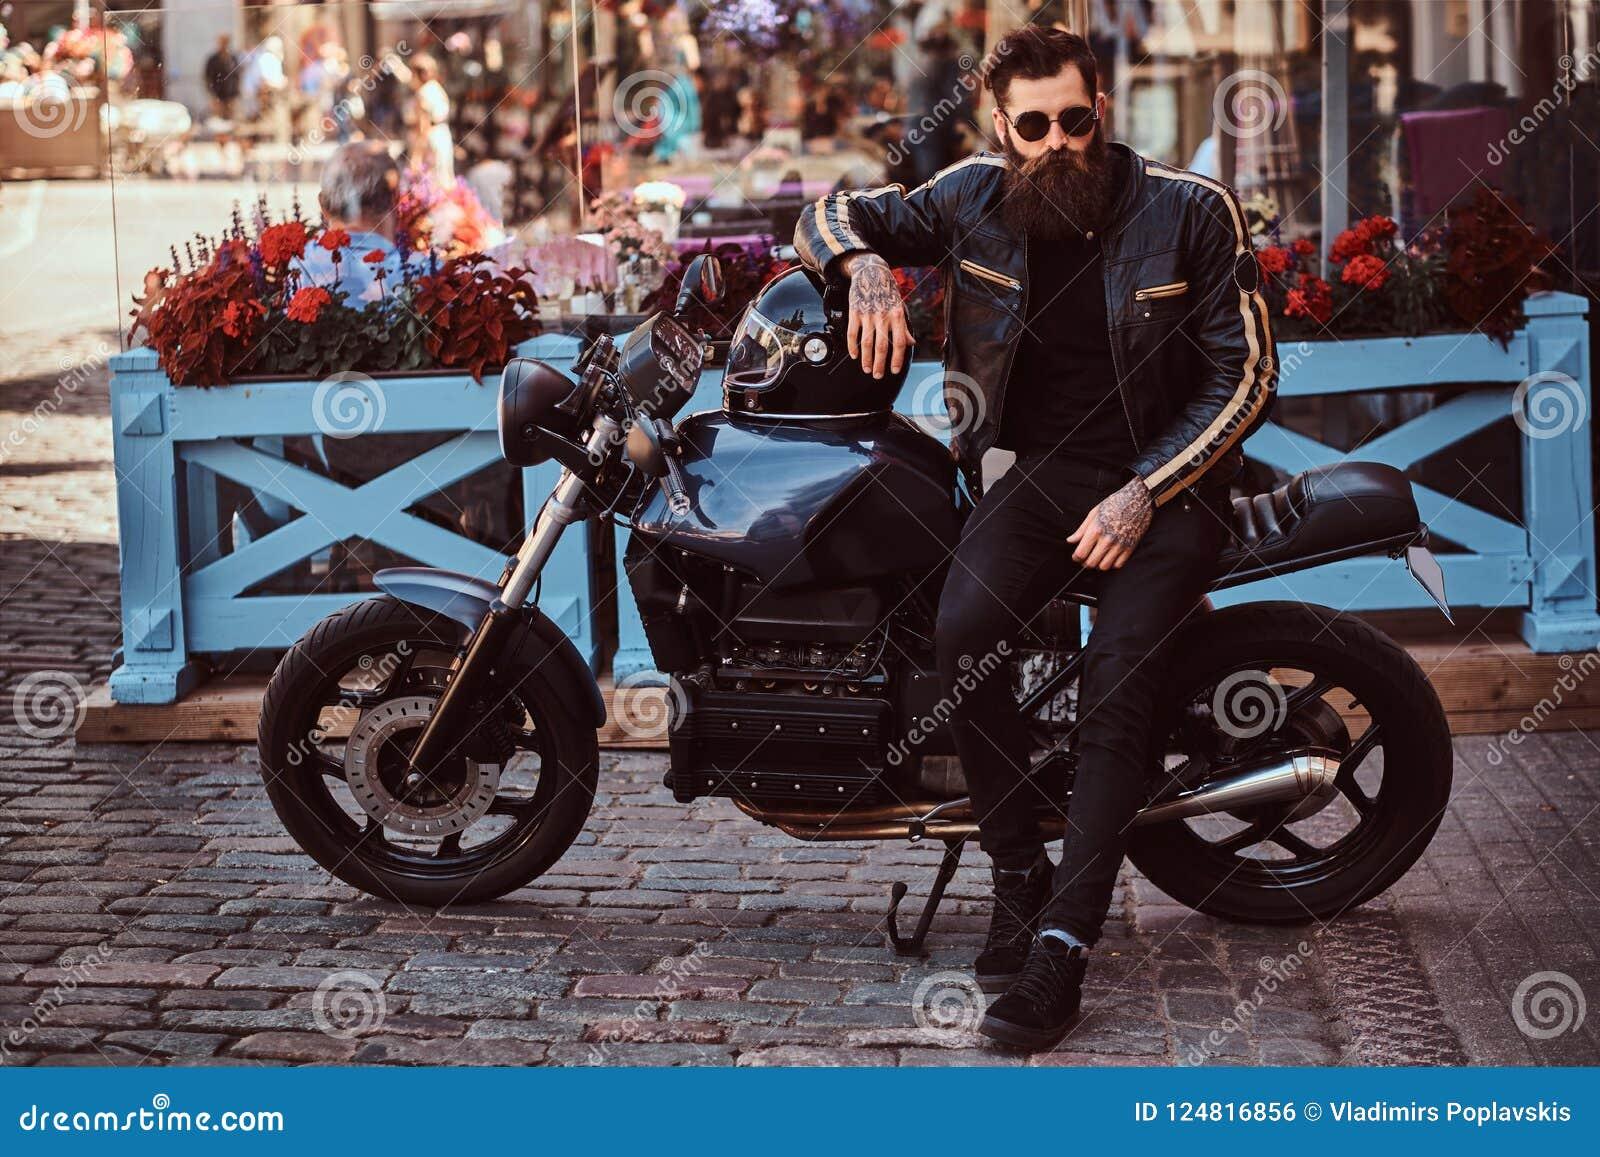 Elegancki modny rowerzysta w okularach przeciwsłonecznych ubierał w czarnej skórzanej kurtce, siedzi na jego na zamówienie retro